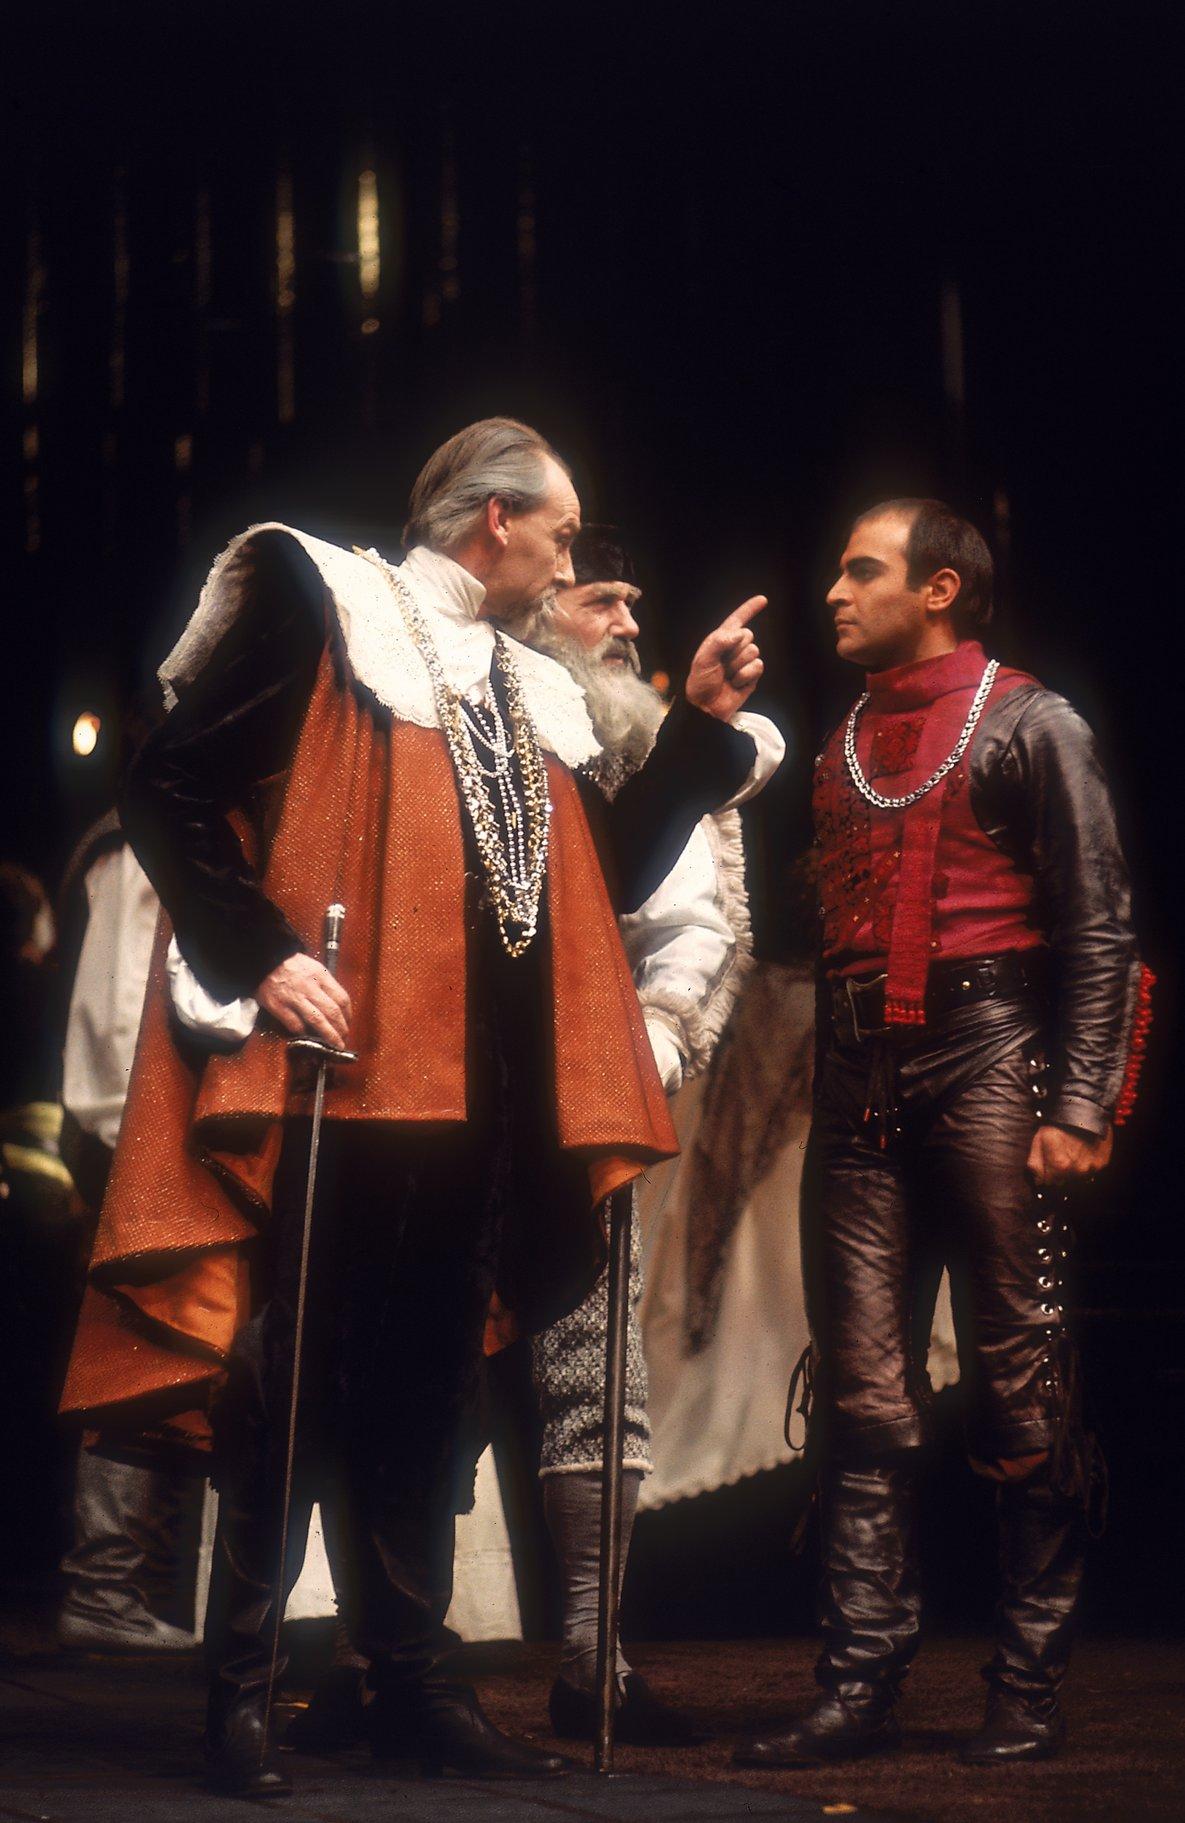 Capulet chastises Tybalt.